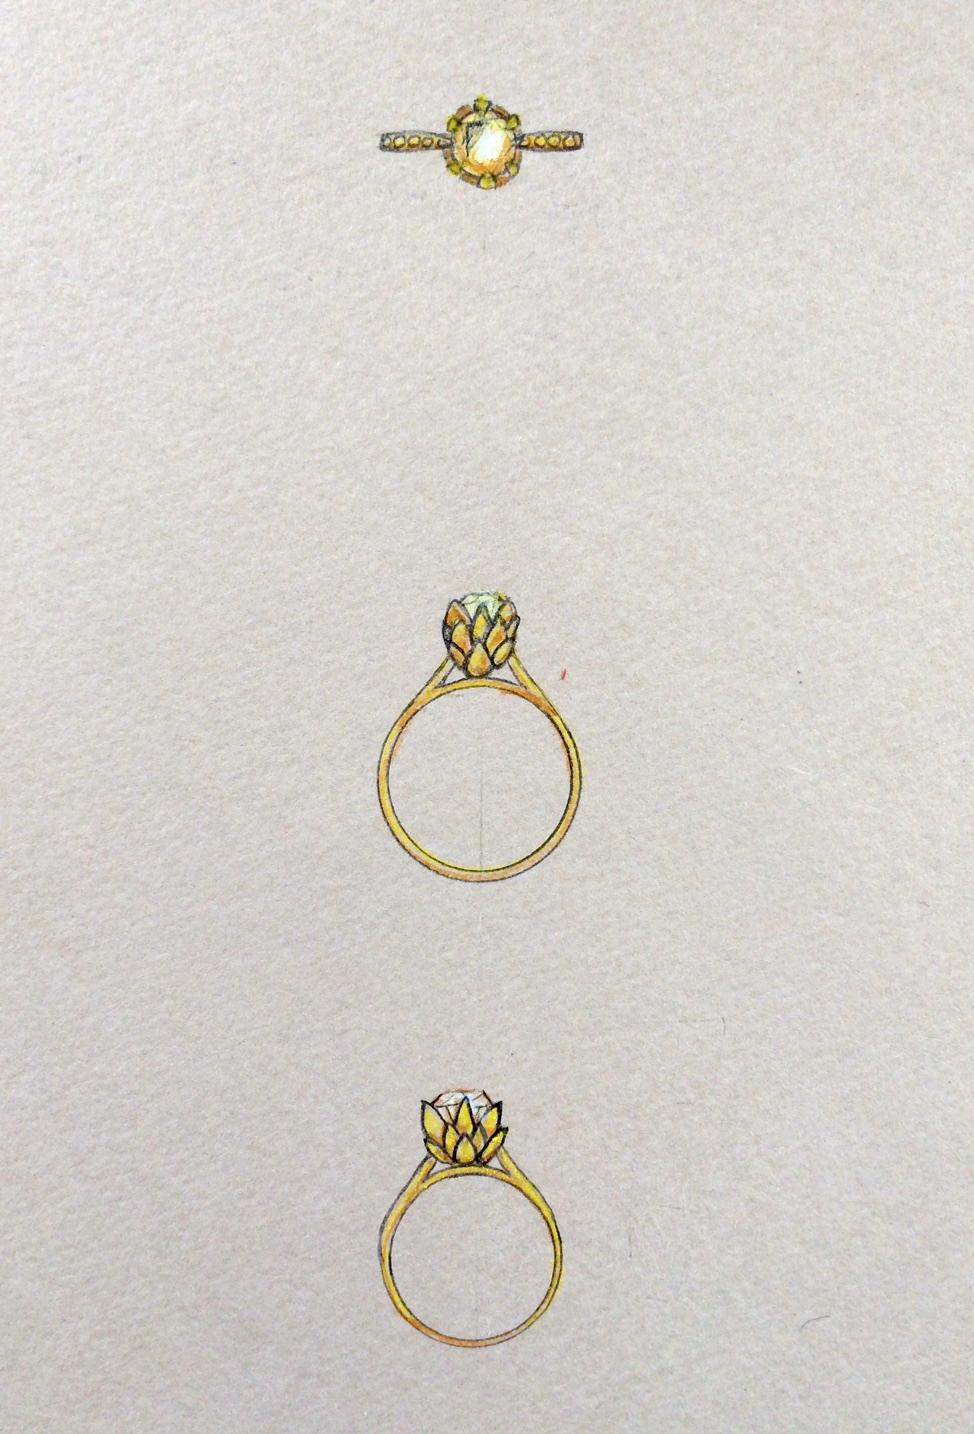 Sakura Haru artichoke ring sketch